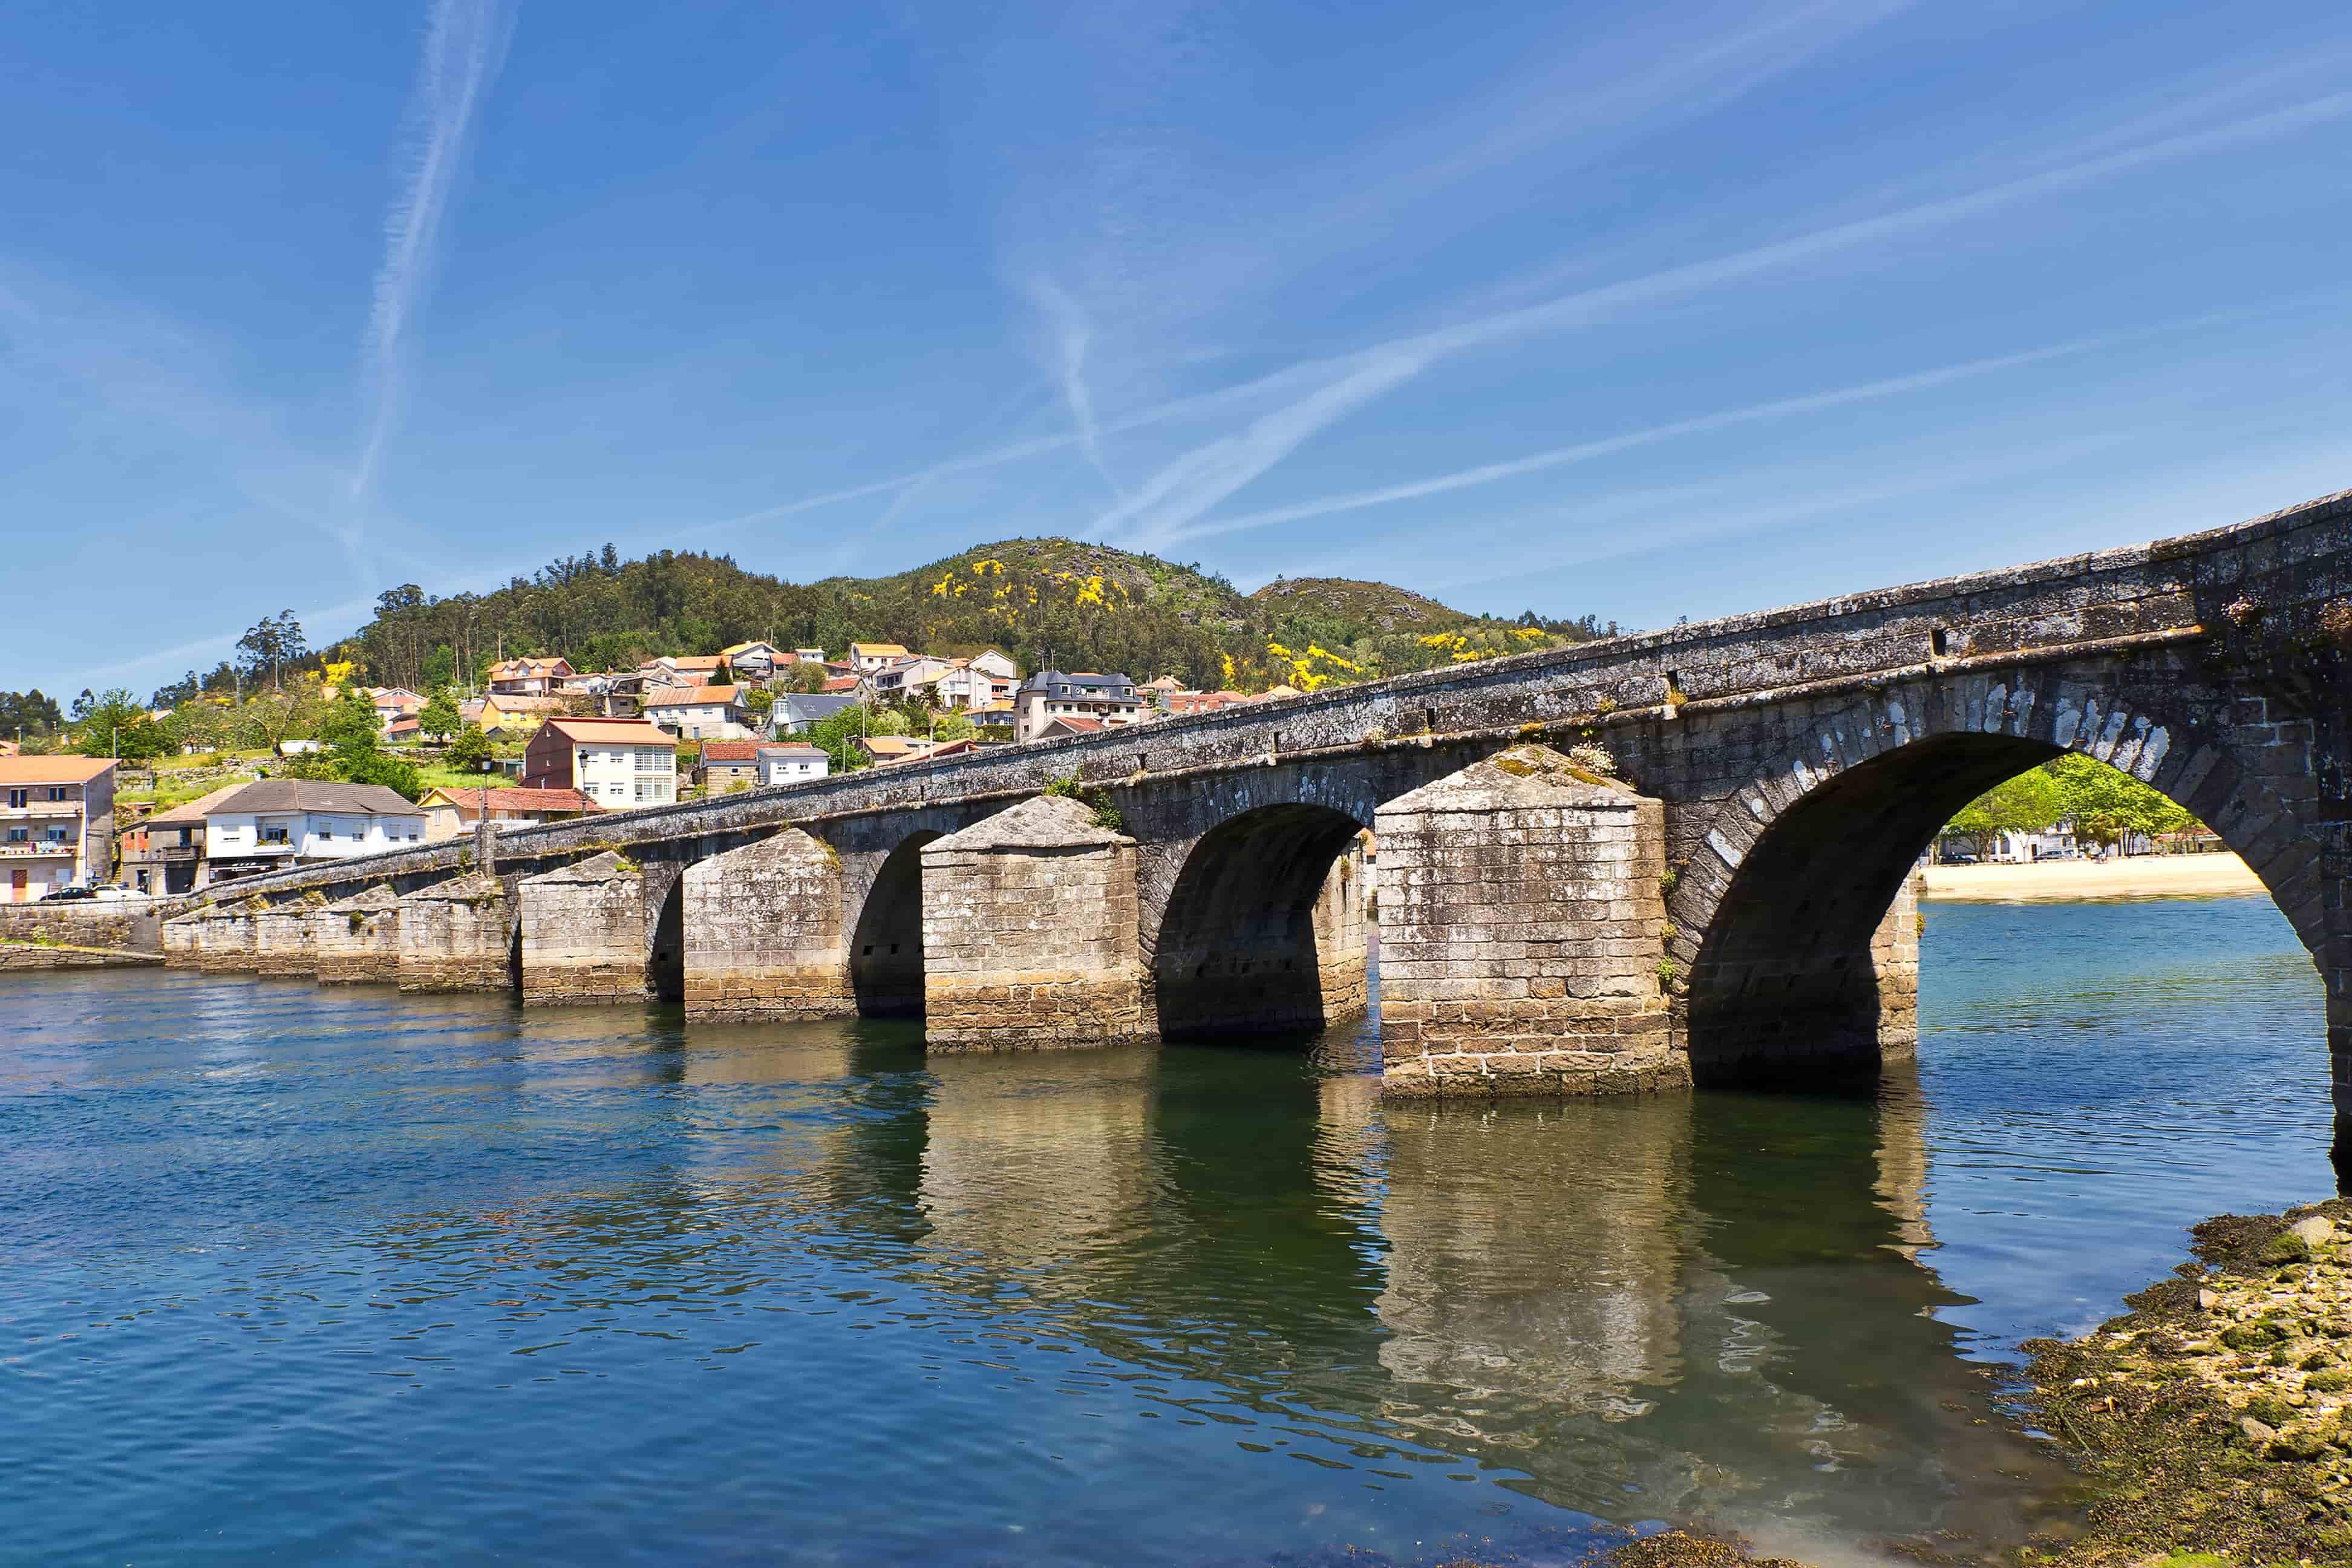 puente medieval - Camino portugués